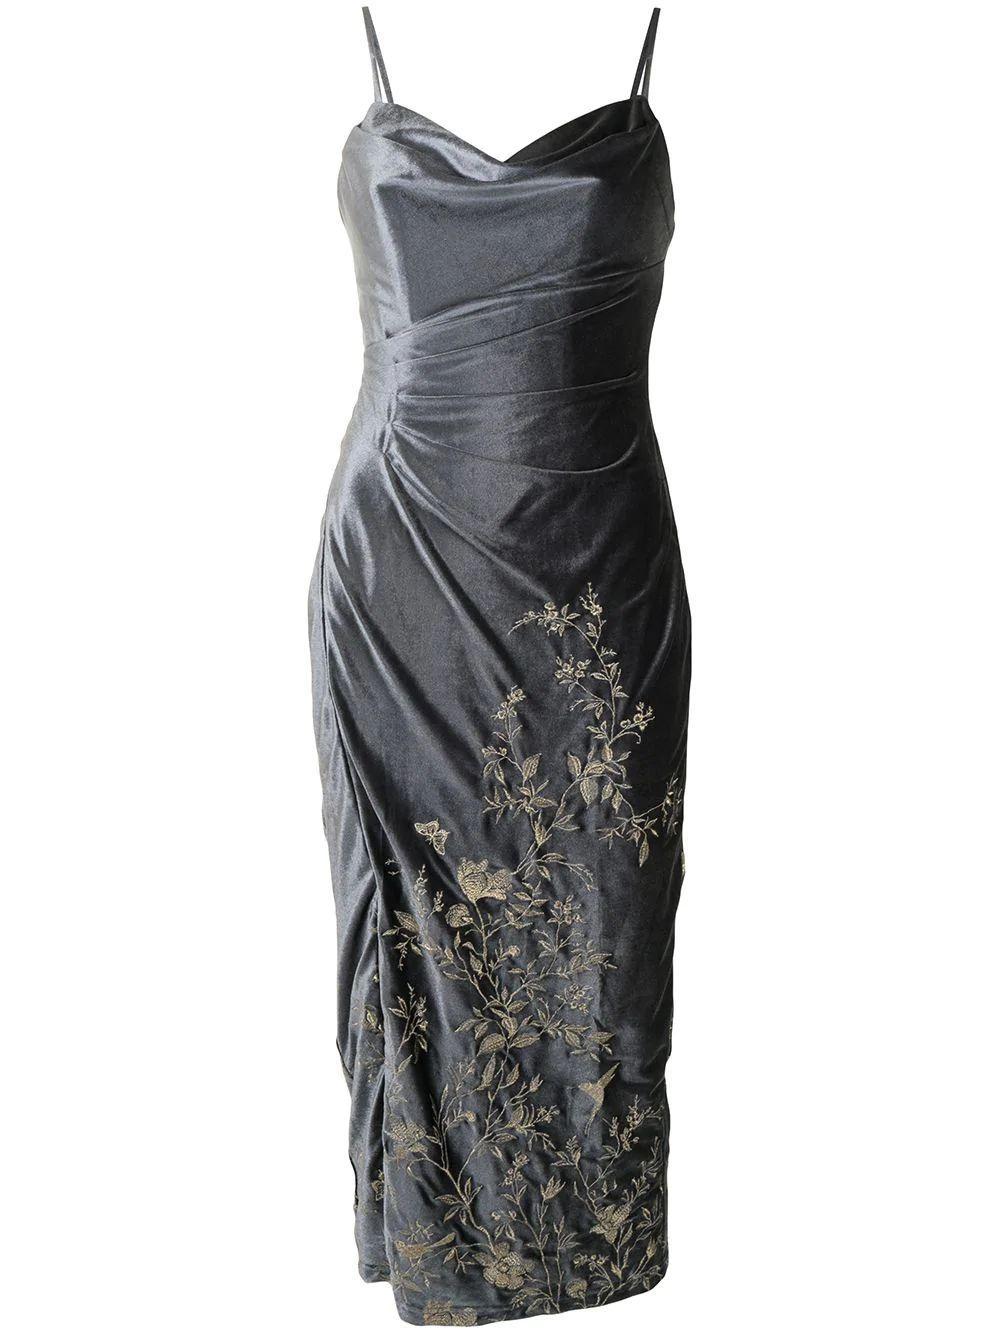 Embroidered Floral Velvet Dress Item # N43M2116-C